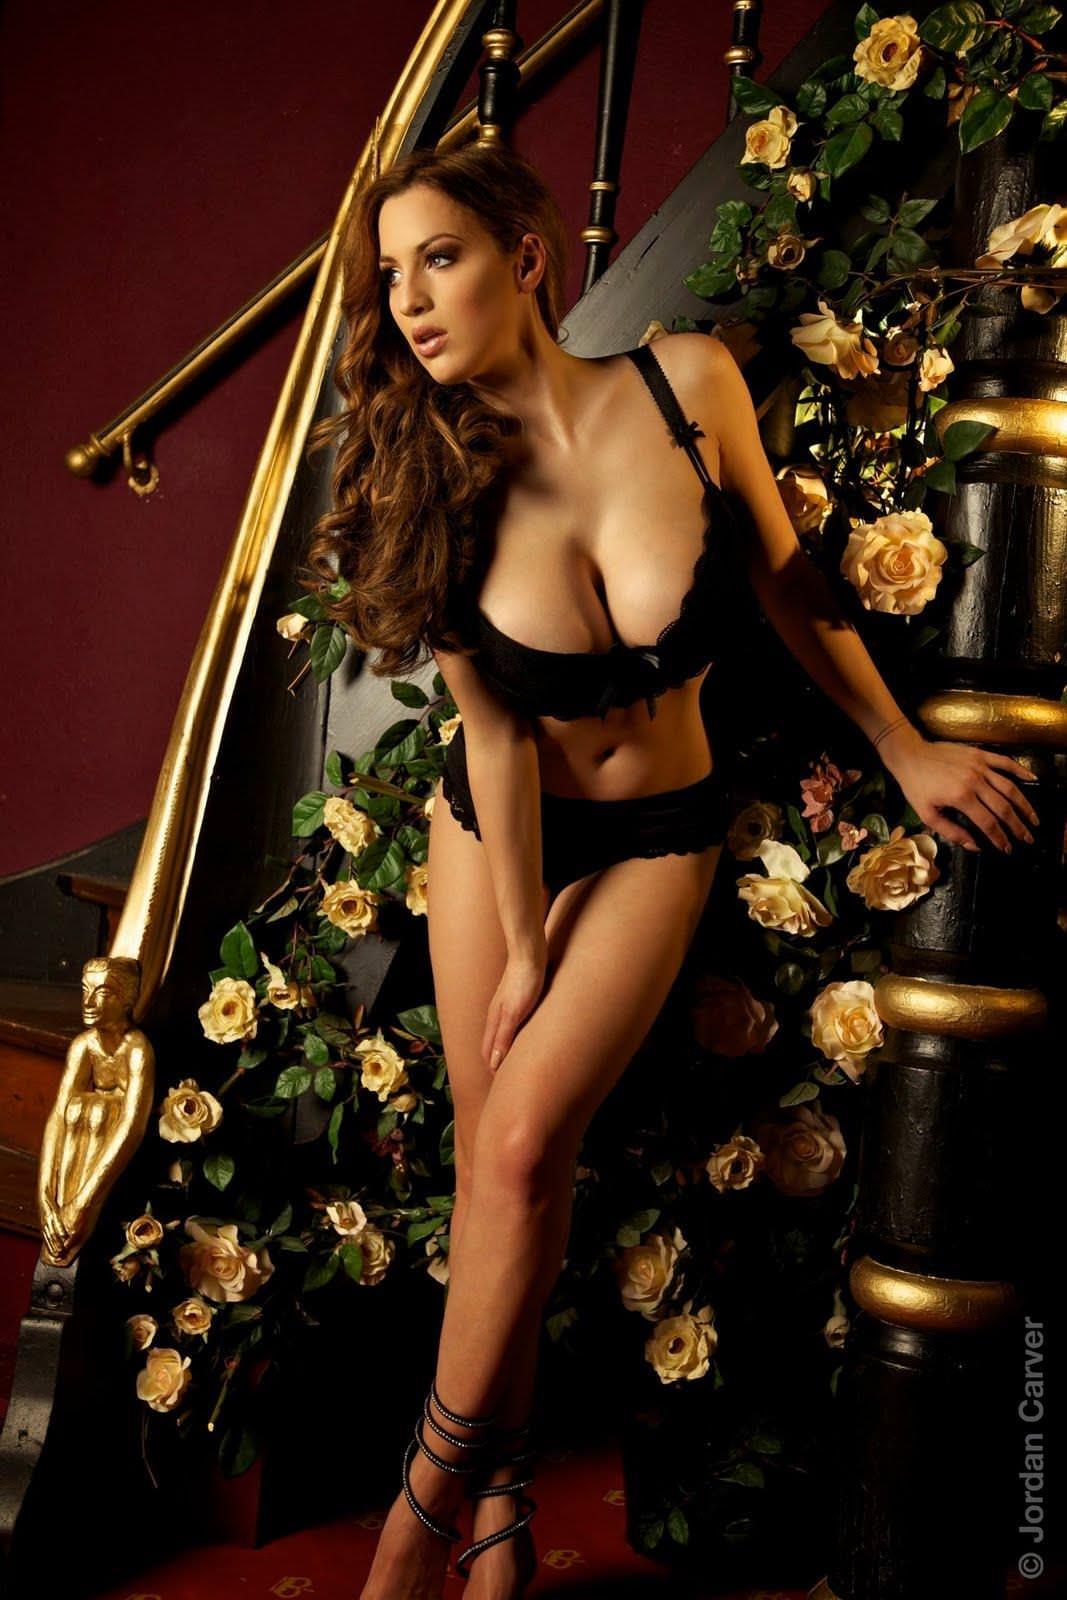 超美人なのに爆乳なドイツ人モデルのヨルダン・カーヴァーがクッソエロすぎて抜けるwwww 2623